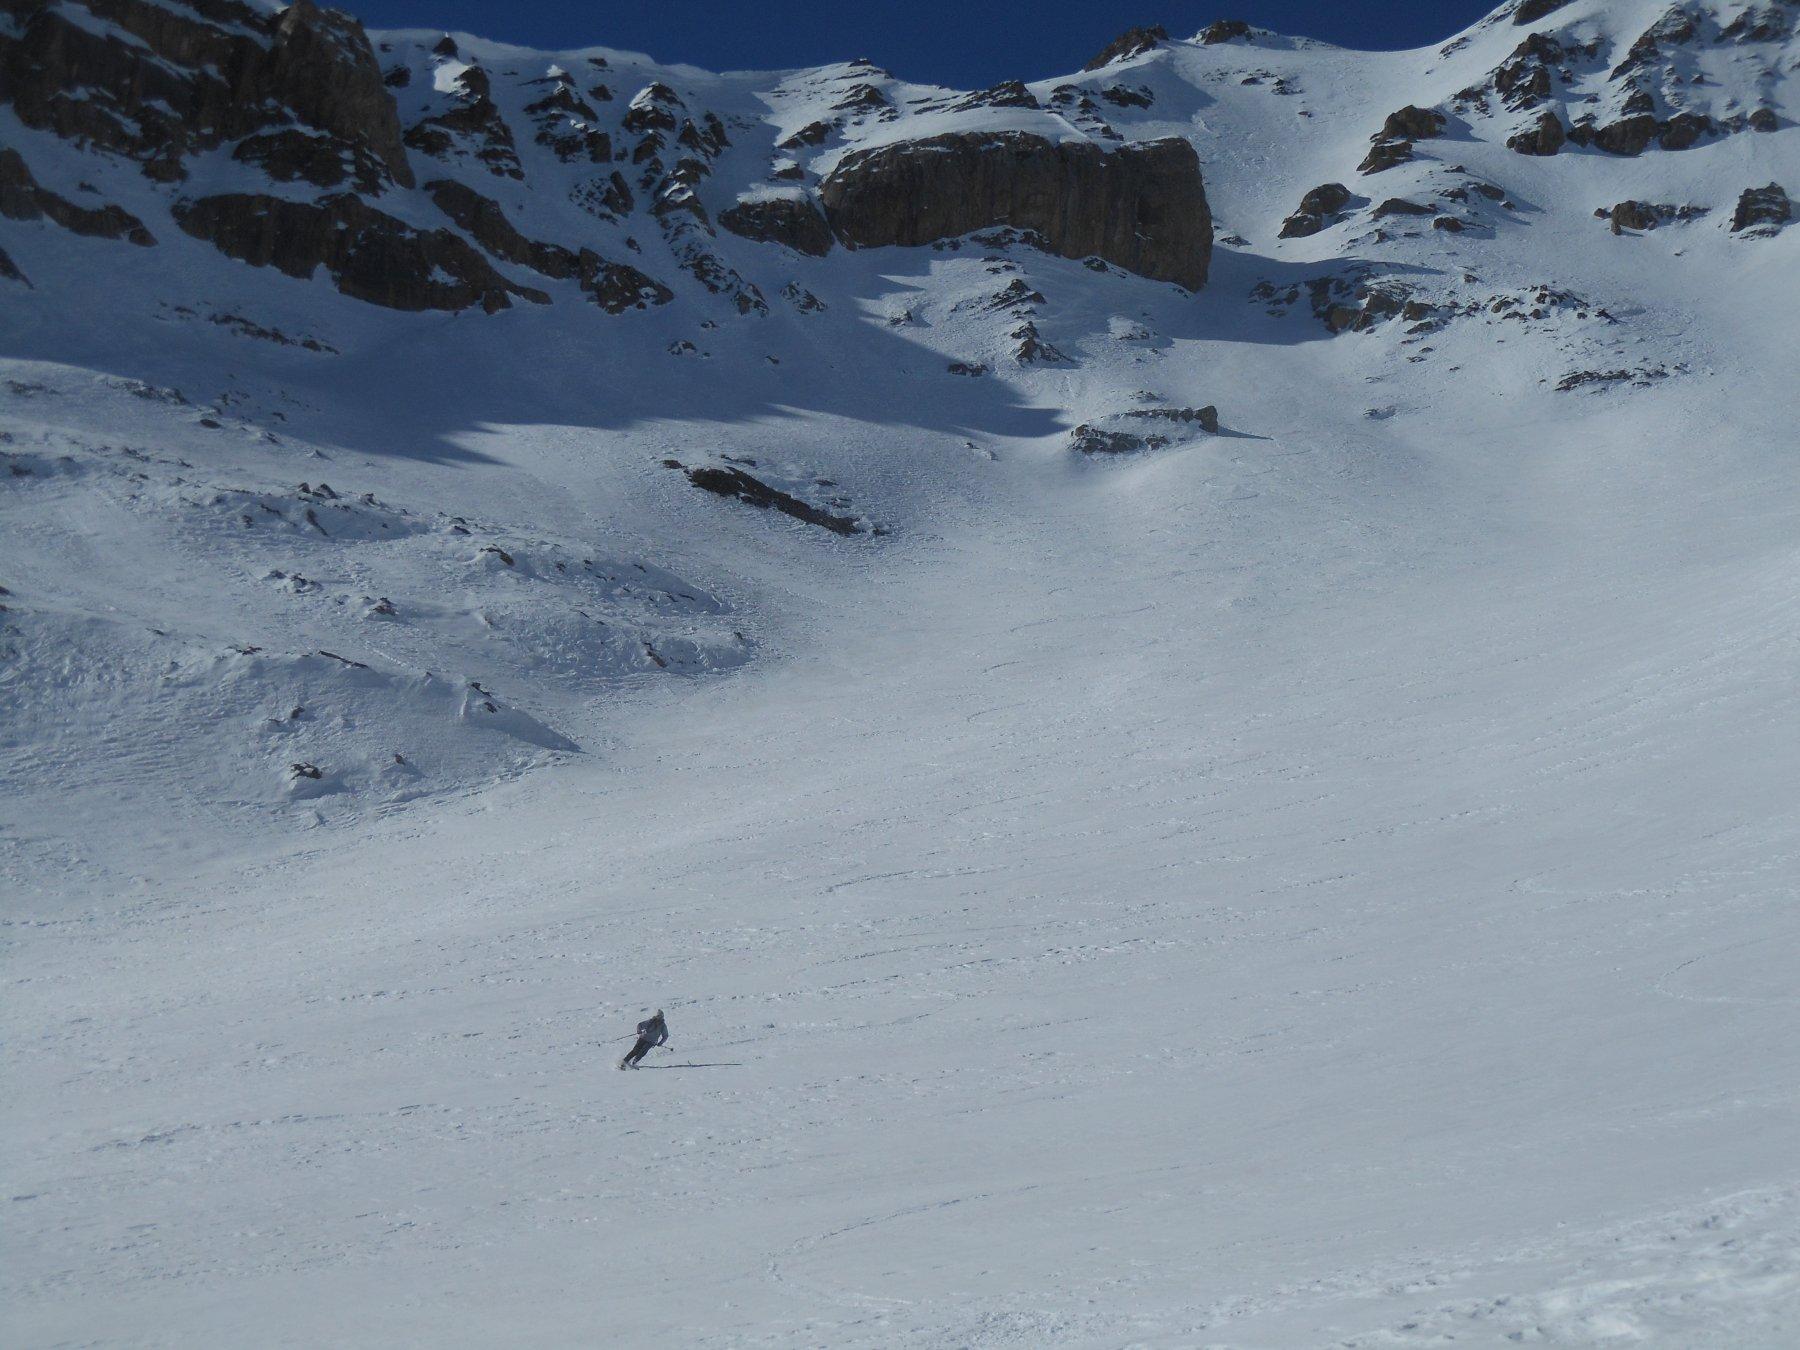 Curvoni in alto in neve vecchia, cercando la migliore qualità